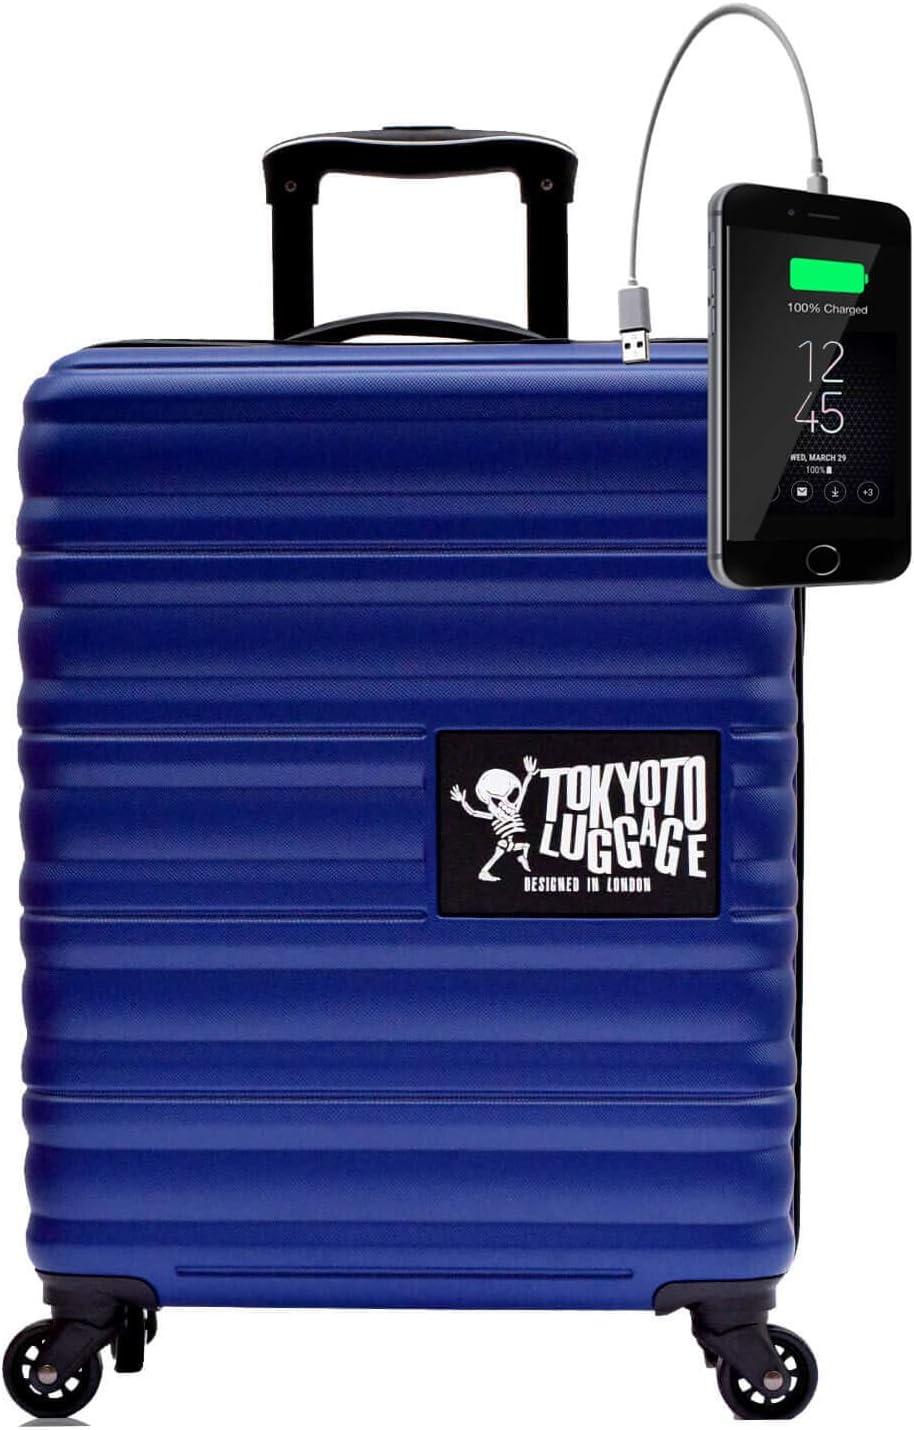 TOKYOTO - Maleta de Cabina Equipaje de Mano Juvenil Adulto Niños con Cargador USB, 8000mAh, 55x40x20 cm | Trolley de Viaje Ryanair, Easyjet | Maleta de Viaje Rígida Divertida Azul Marino